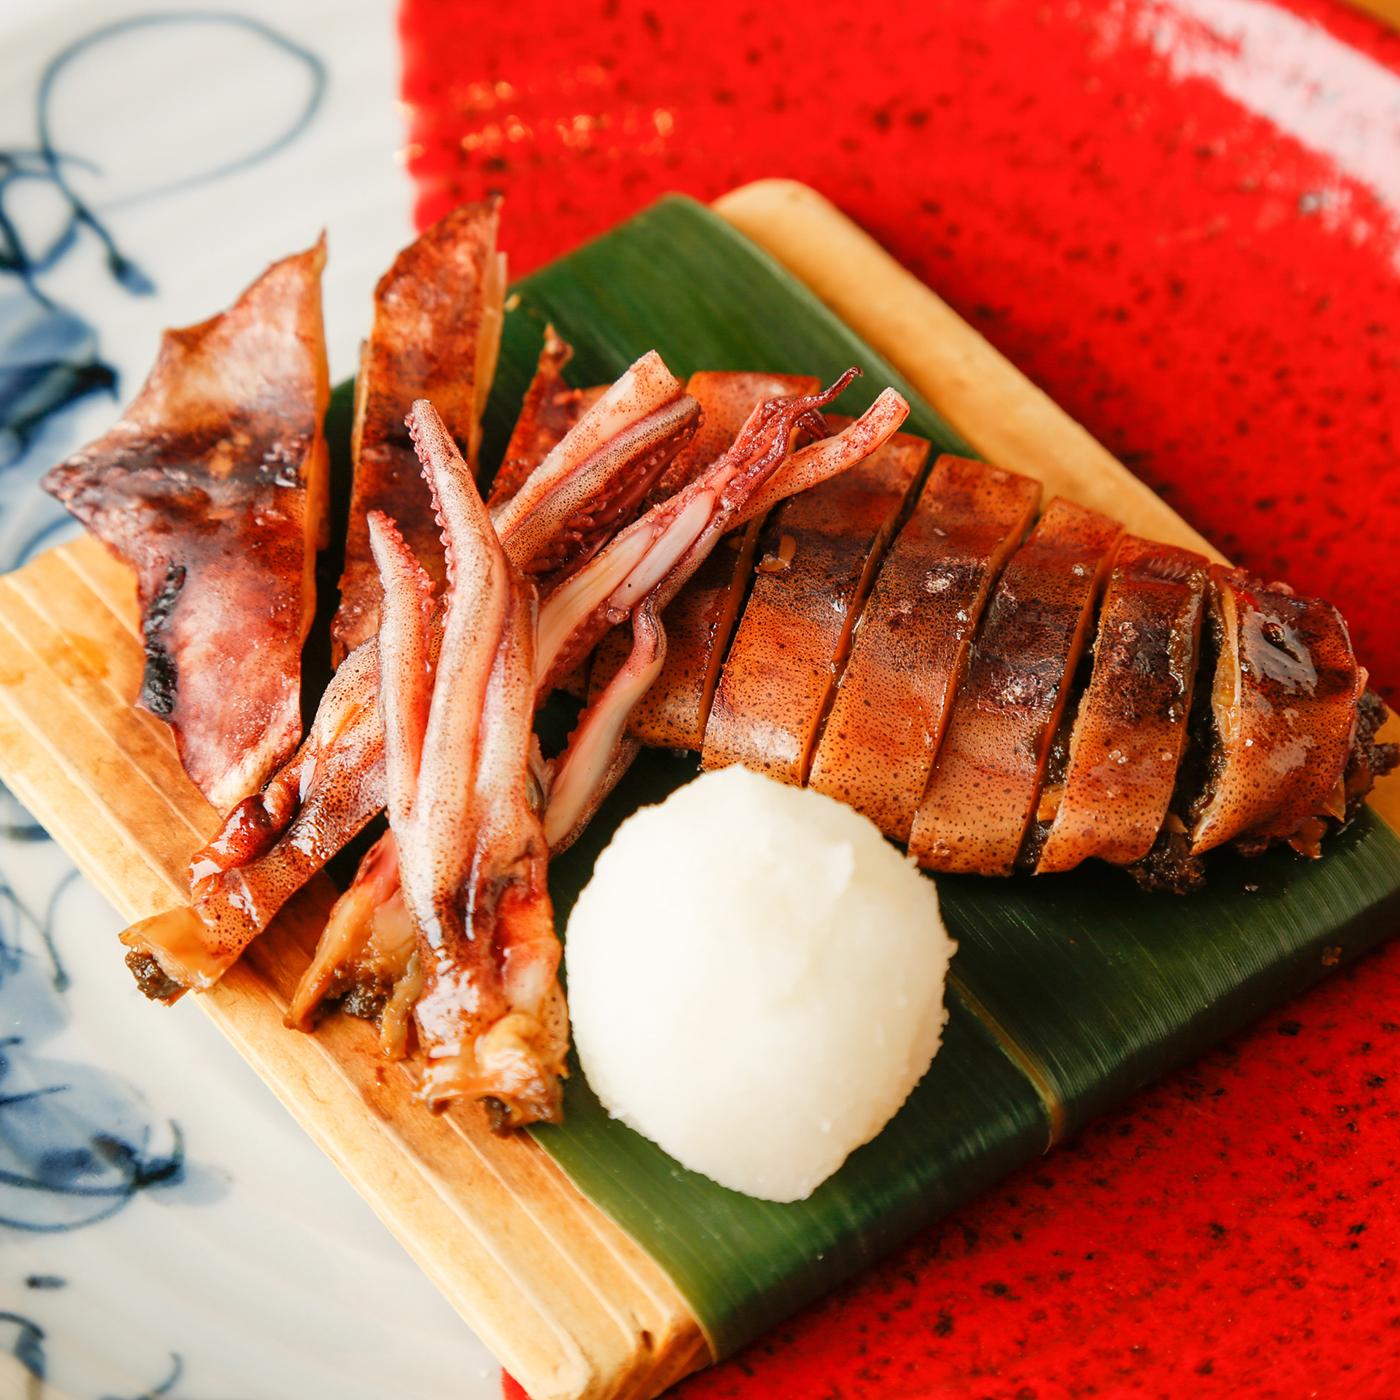 石川県 丸干しスルメイカの炙り焼き 858円(税込)